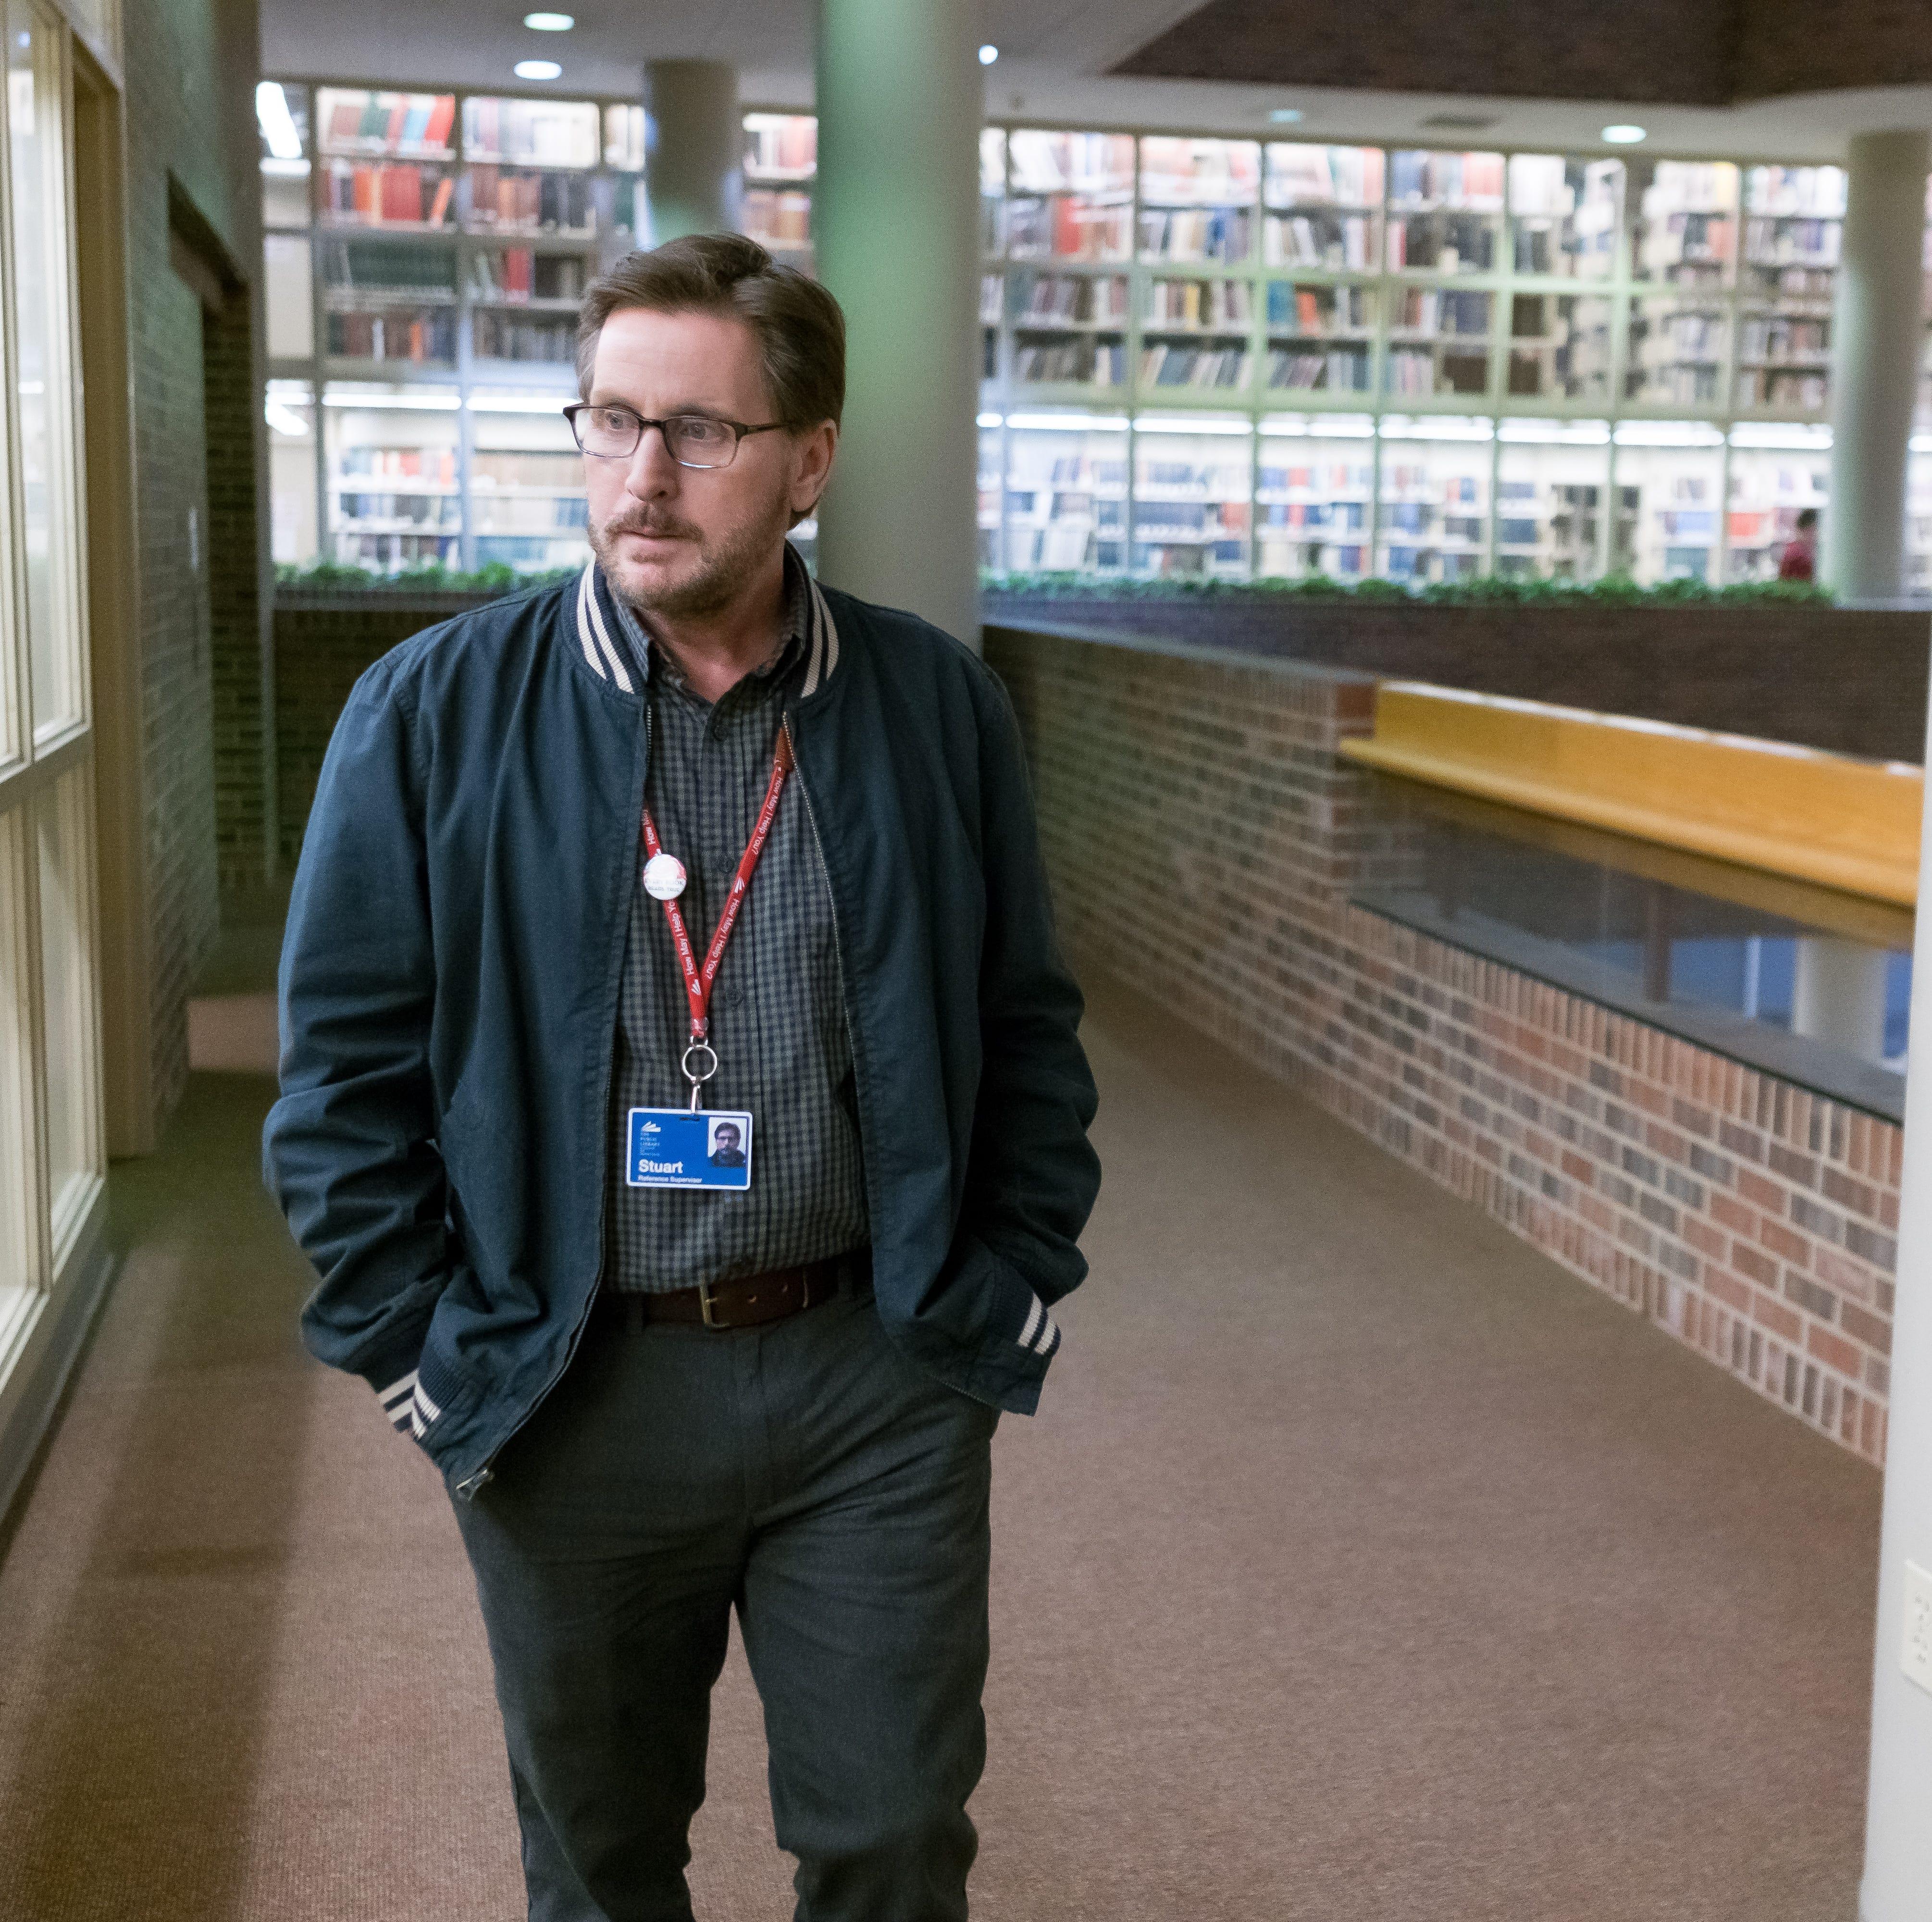 """Stuart (Emilio Estevez) is a librarian pushed to heroics in """"The Public."""""""